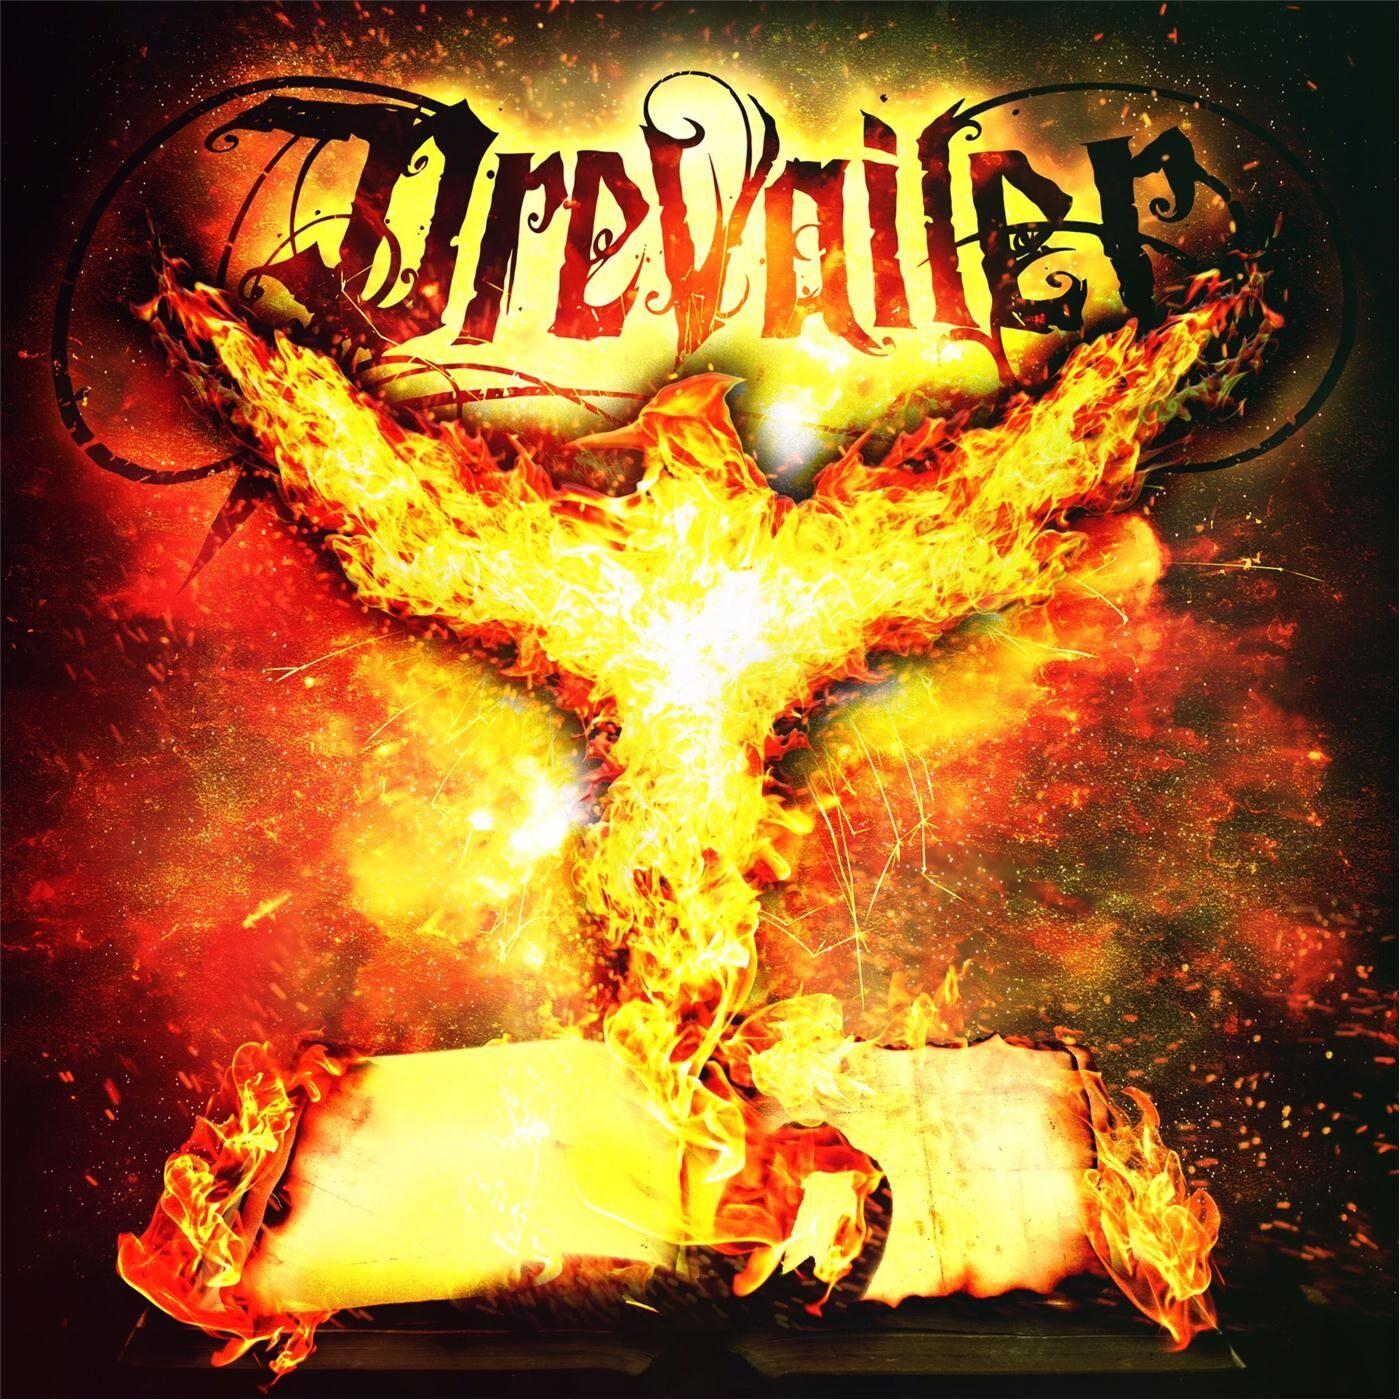 Prevailer - Prevailer [EP] (2016)